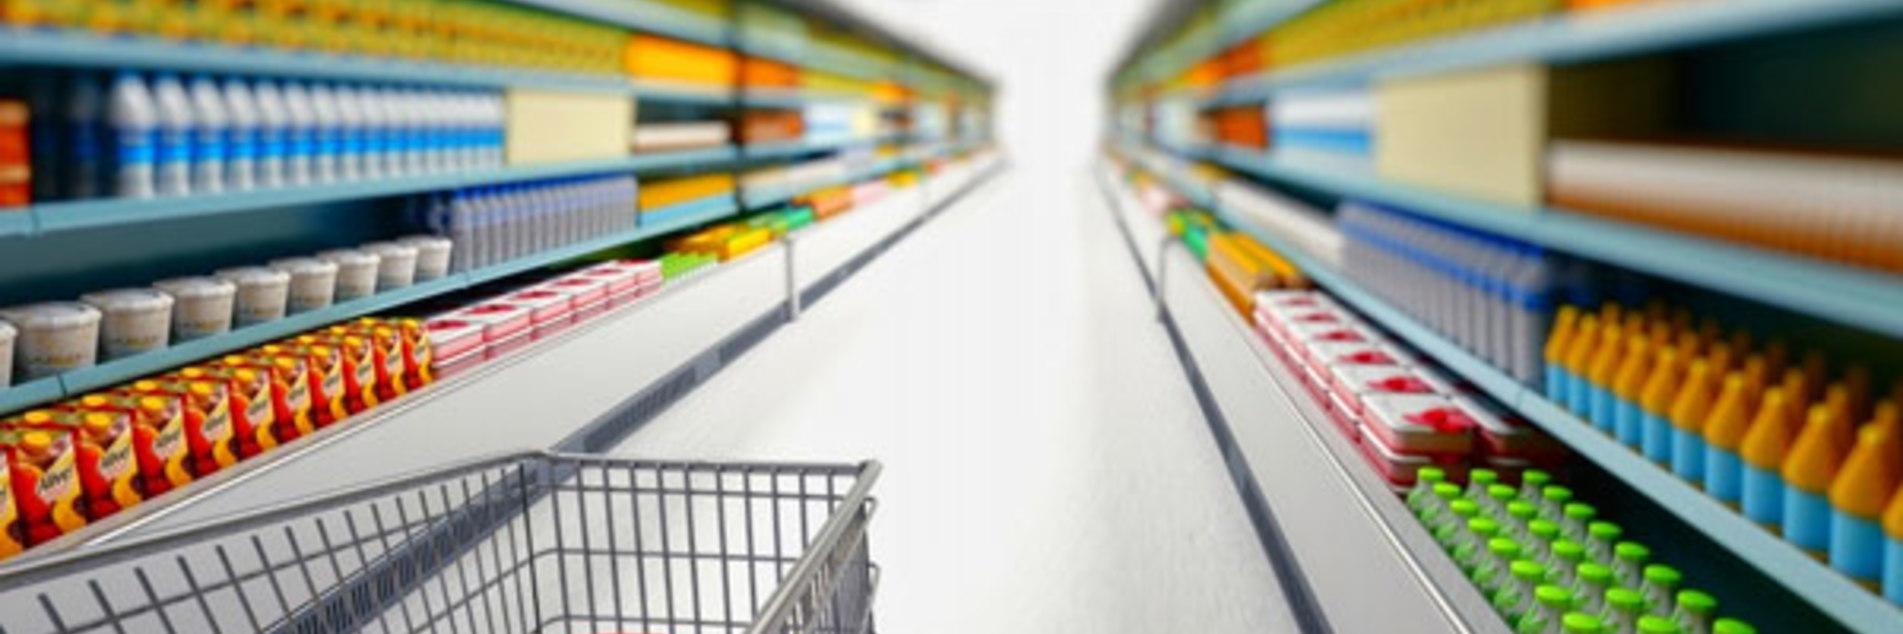 GDO e Retail